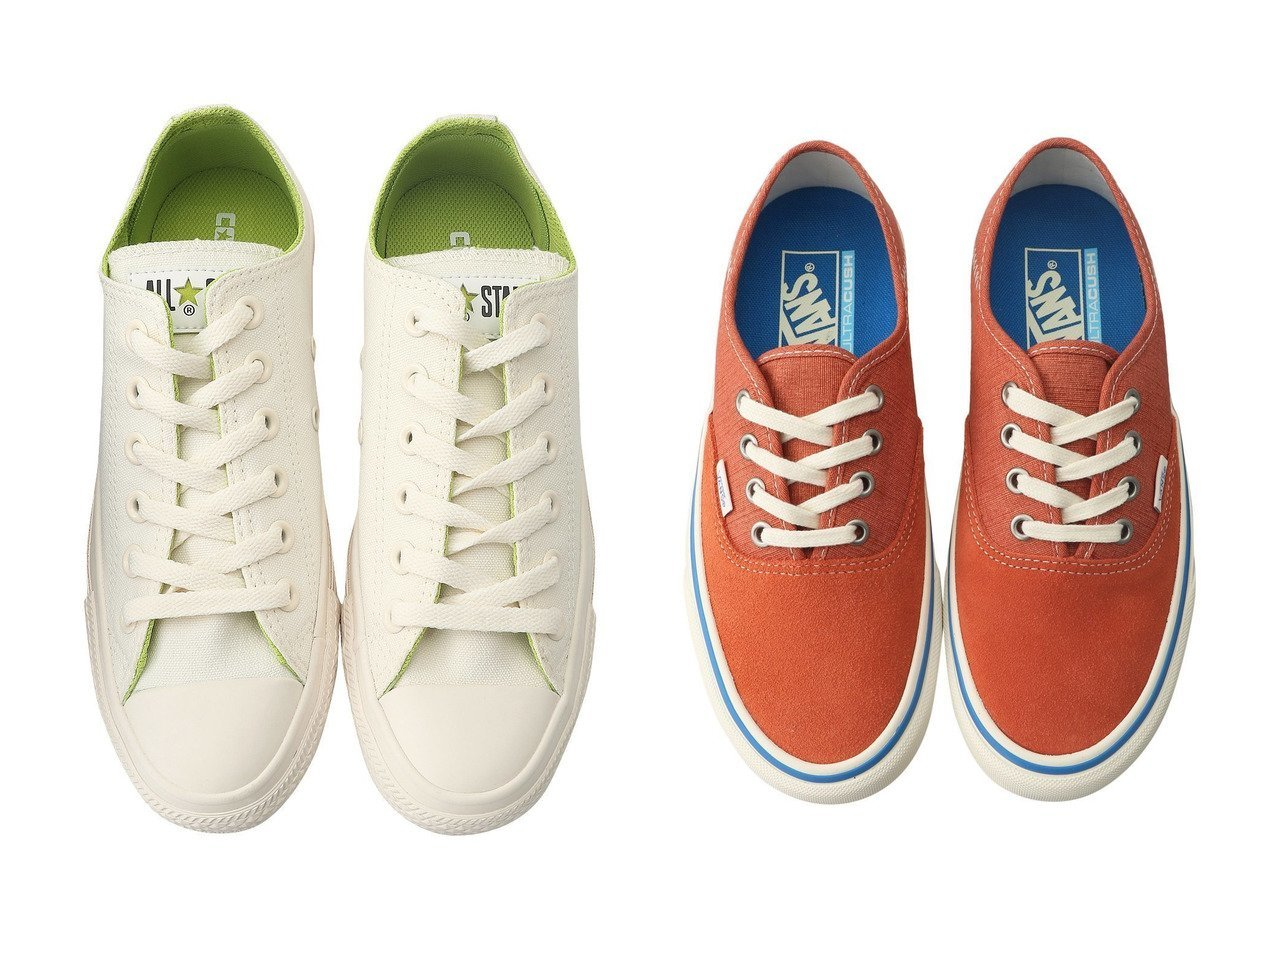 【JET/ジェット】の【JET LOSANGELES】【VANS】Authentic Sf スニーカー&【CONVERSE/コンバース】のオールスター コスモインホワイト OX 【シューズ・靴】おすすめ!人気、トレンド・レディースファッションの通販 おすすめで人気の流行・トレンド、ファッションの通販商品 メンズファッション・キッズファッション・インテリア・家具・レディースファッション・服の通販 founy(ファニー) https://founy.com/ ファッション Fashion レディースファッション WOMEN インソール スニーカー ビビッド ライニング 人気 クッション 軽量 |ID:crp329100000031433